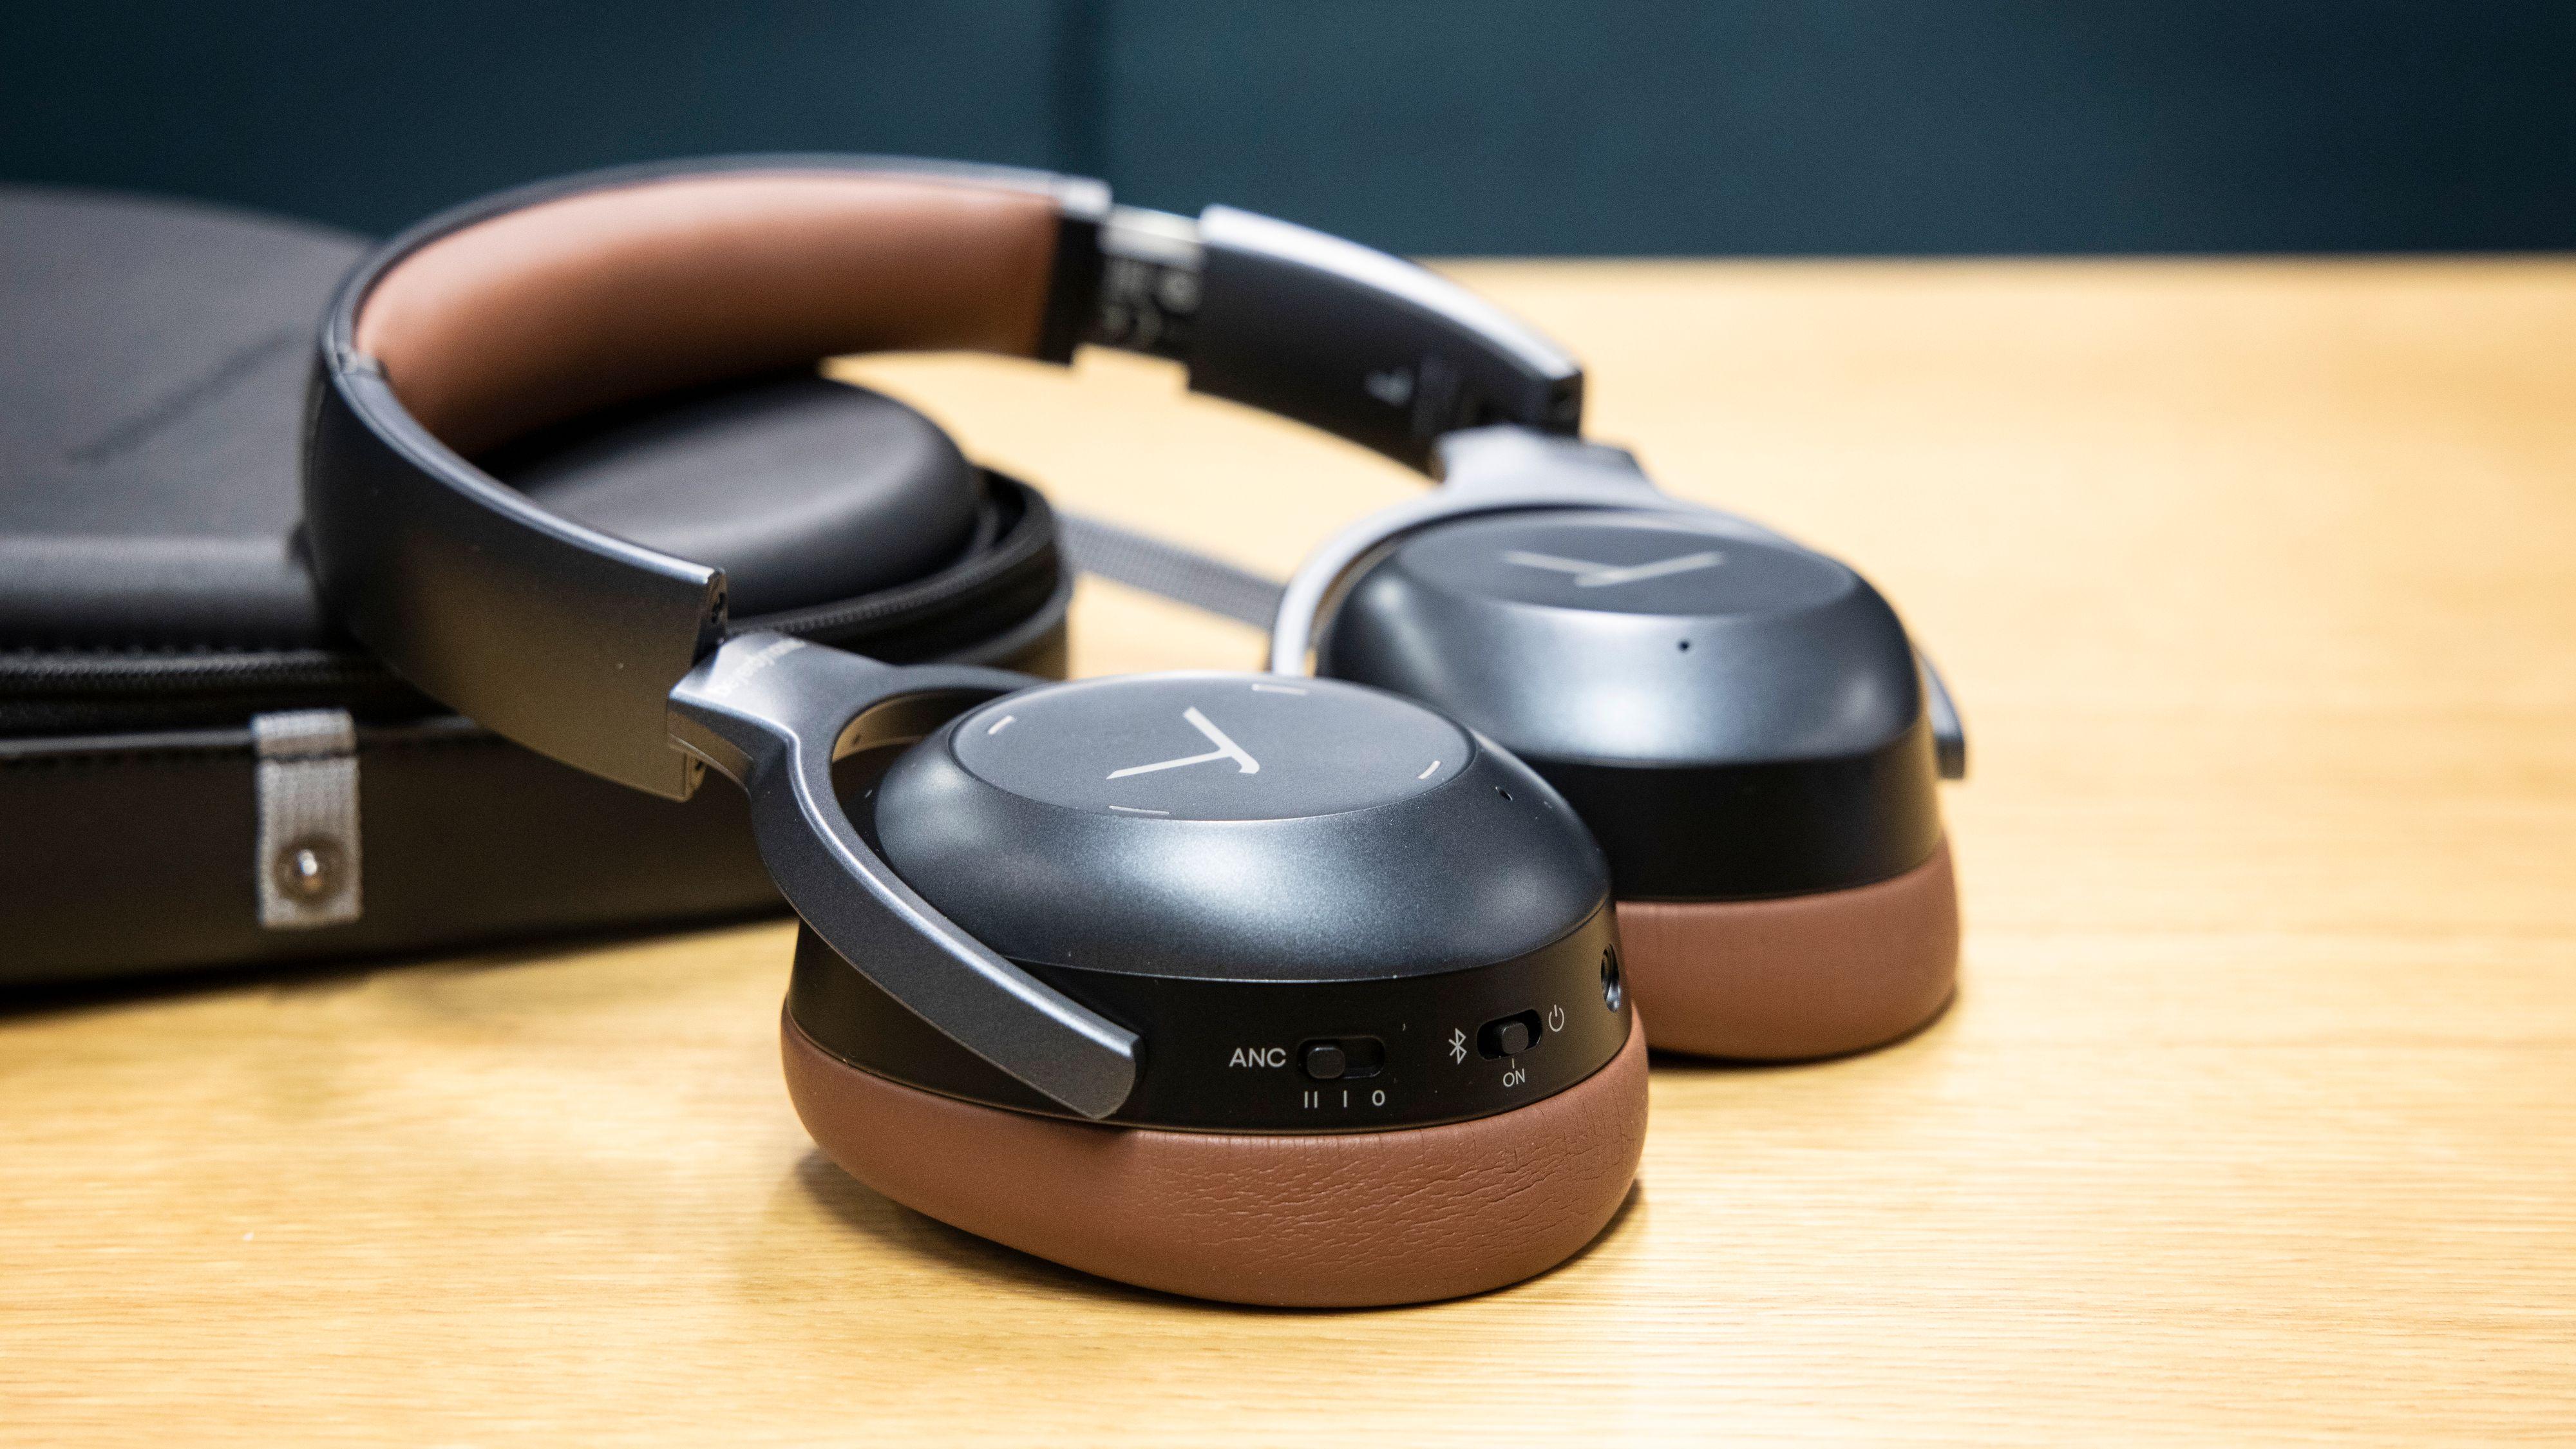 Lagoon ANC er definitivt et godt sett hodetelefoner, men konkurransen er tøff og prisen høy.